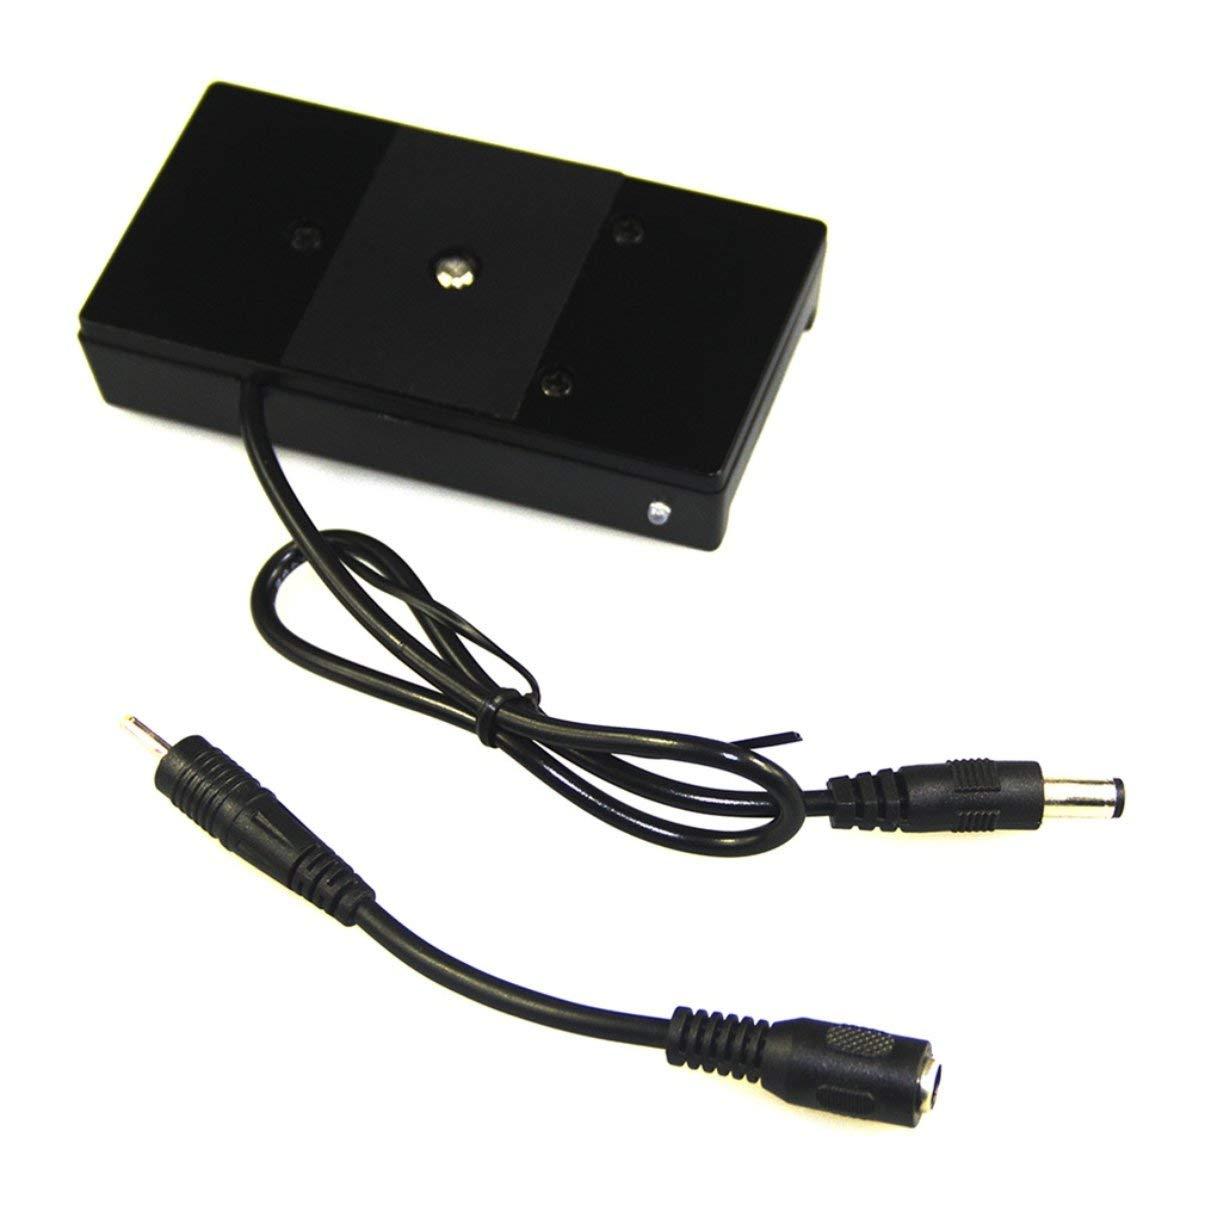 JullyeleDEgant Kamera-Batterie-Bergplatten-Stromversorgung hohe hohe hohe Kompatibilität 4K BMPCC für Sony F-970 Reihen-Batterien schwarz 689ffc